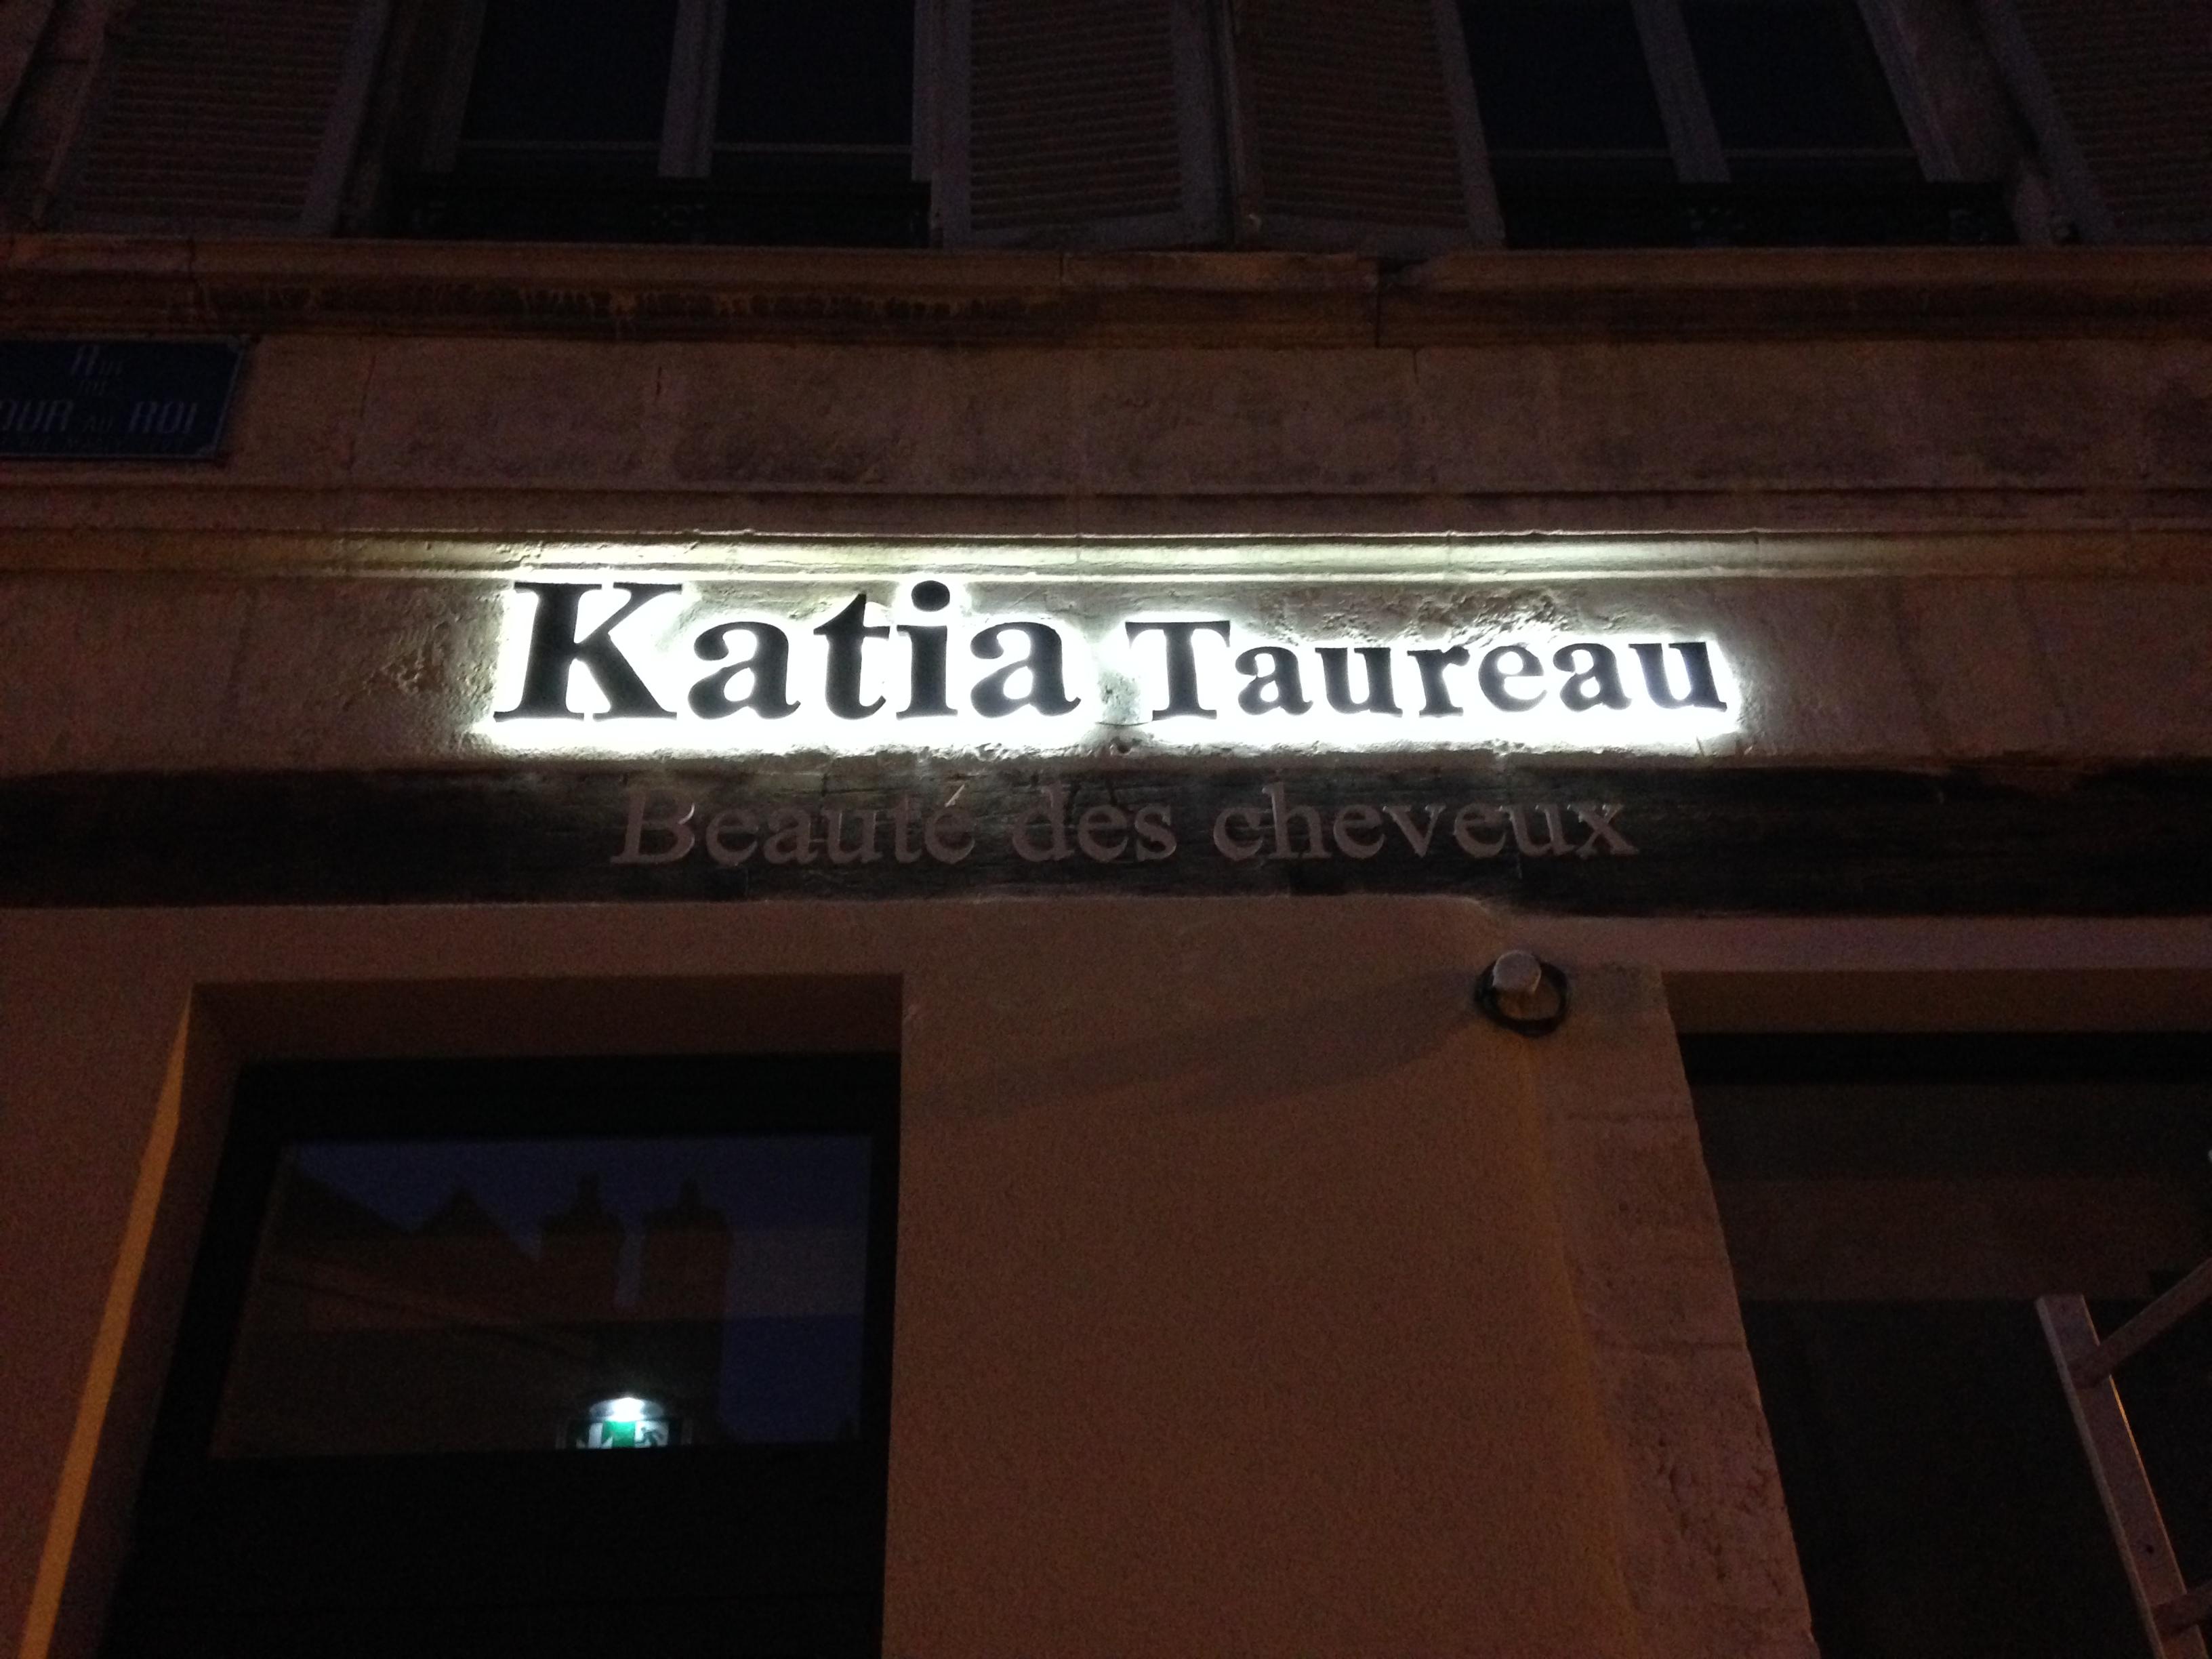 rétro éclairage LED Salon de coiffure Katia Taureau Bourges